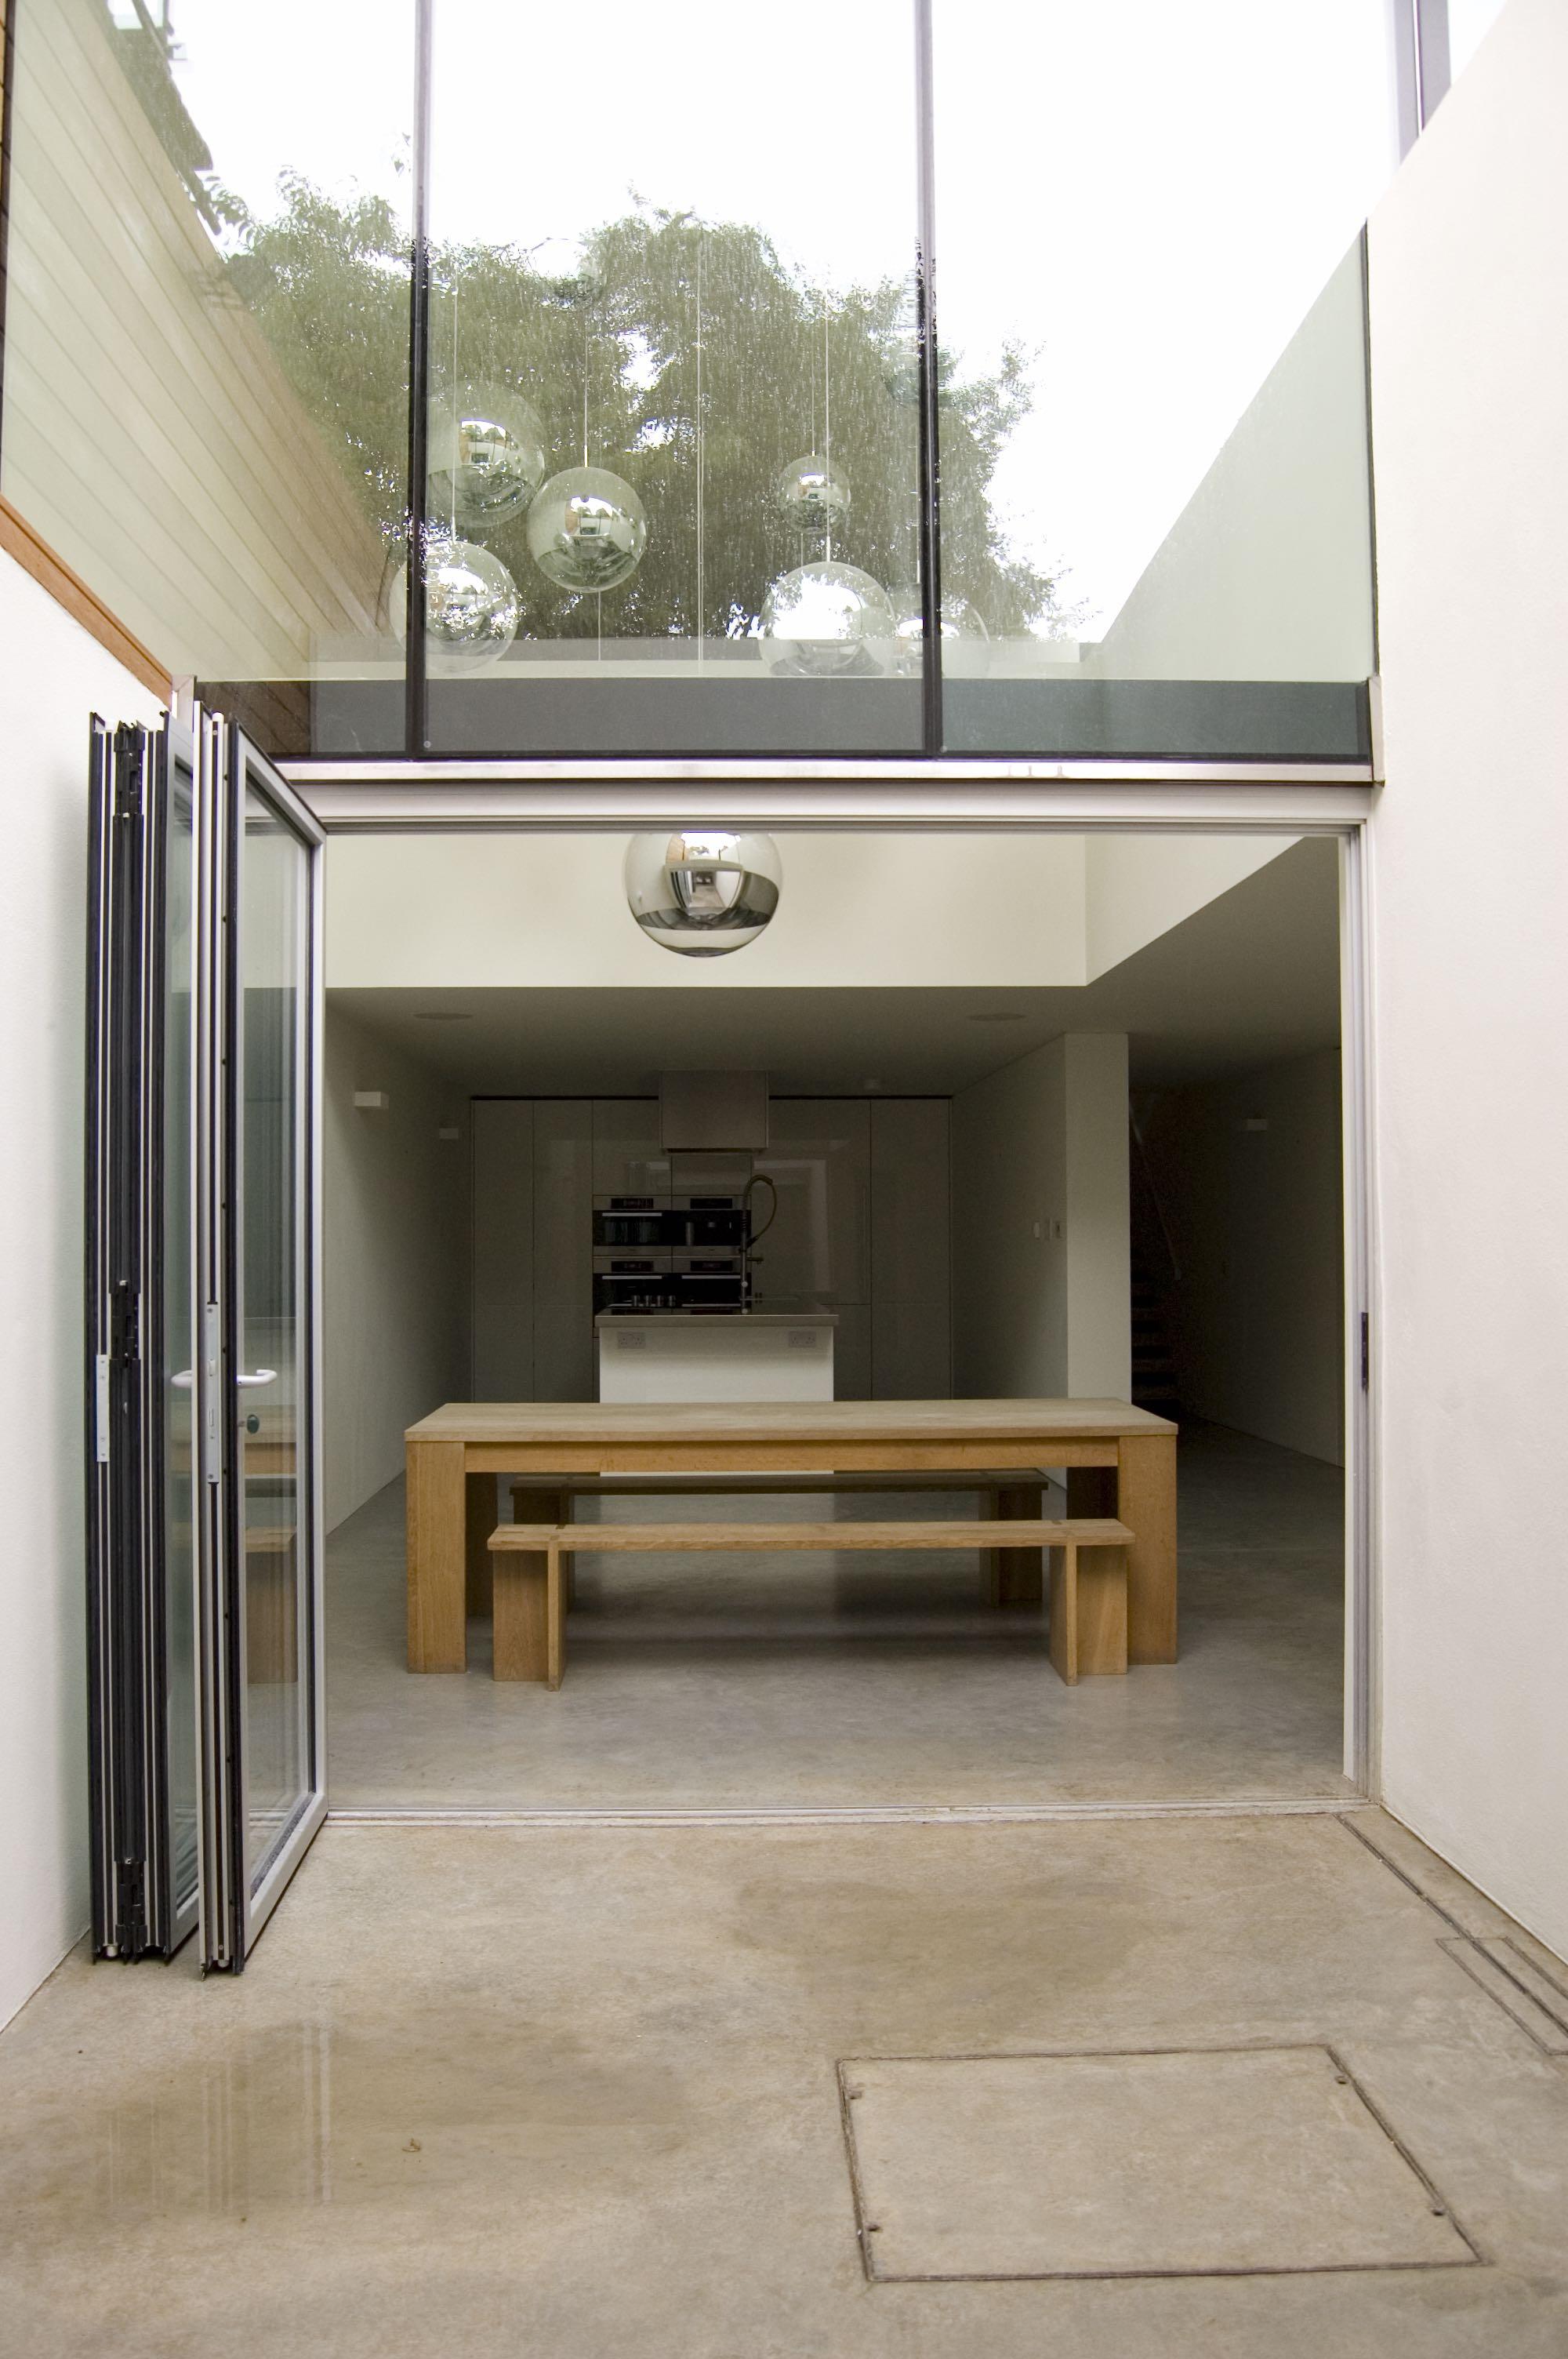 Williamtozer_Composite House 02